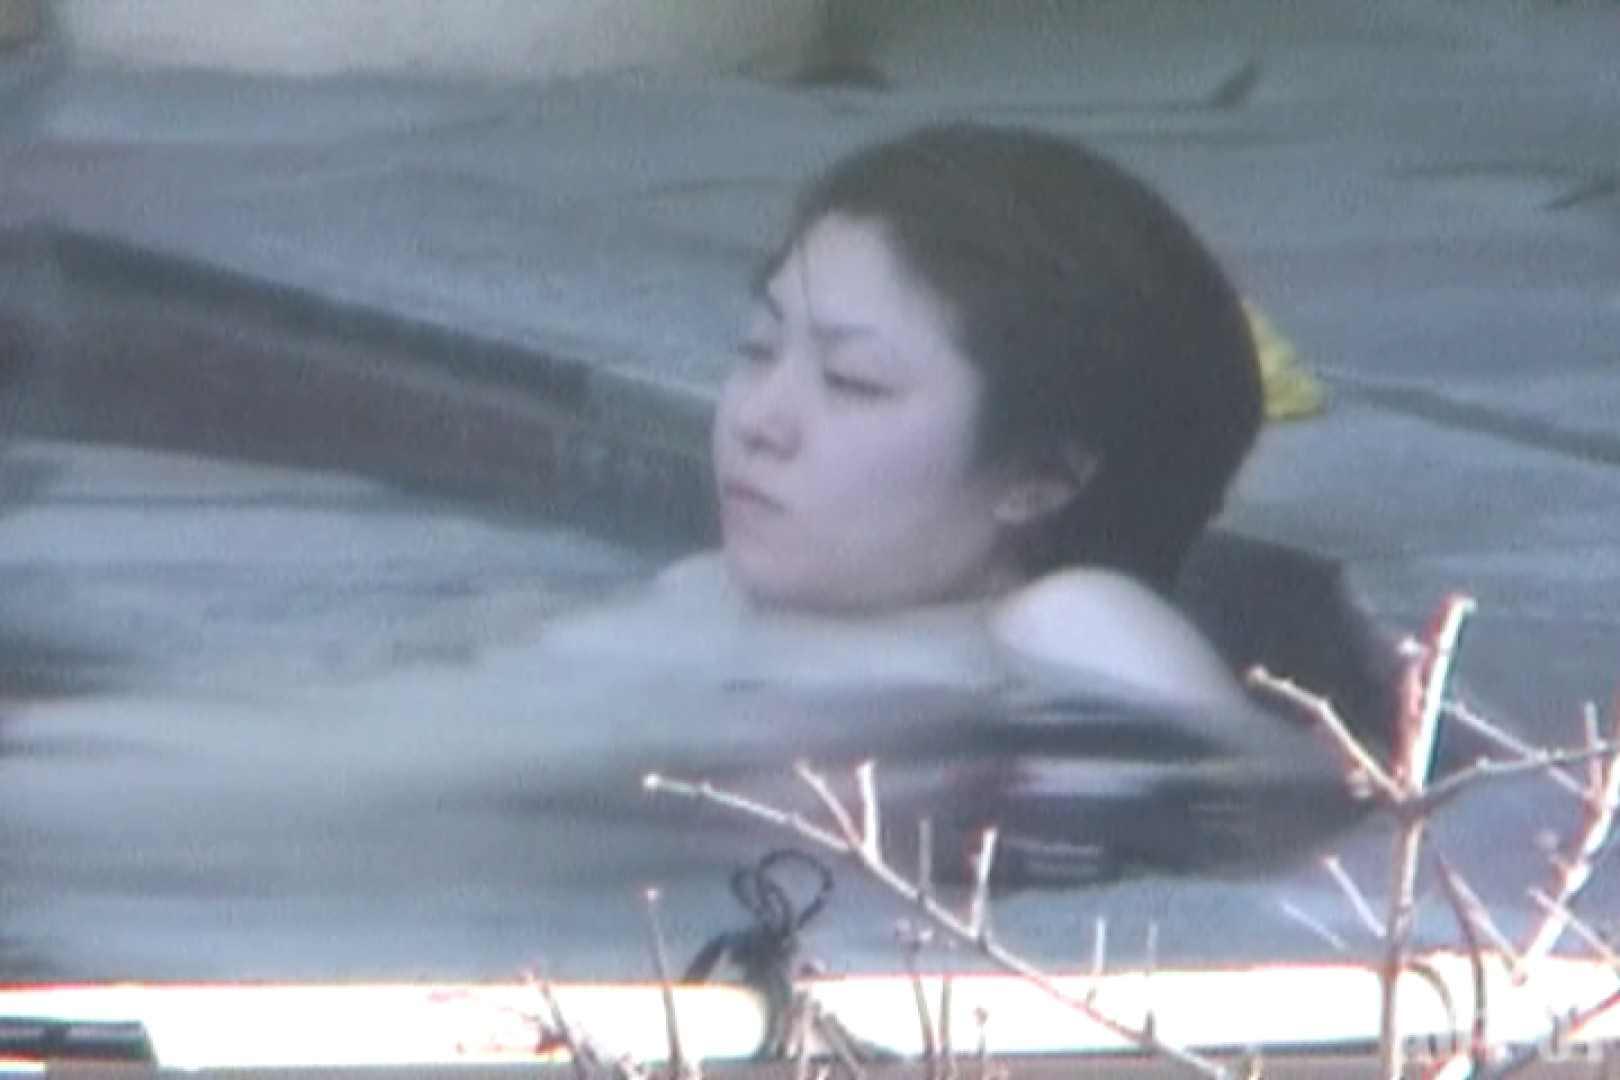 Aquaな露天風呂Vol.720 盗撮 | 露天  98枚 25